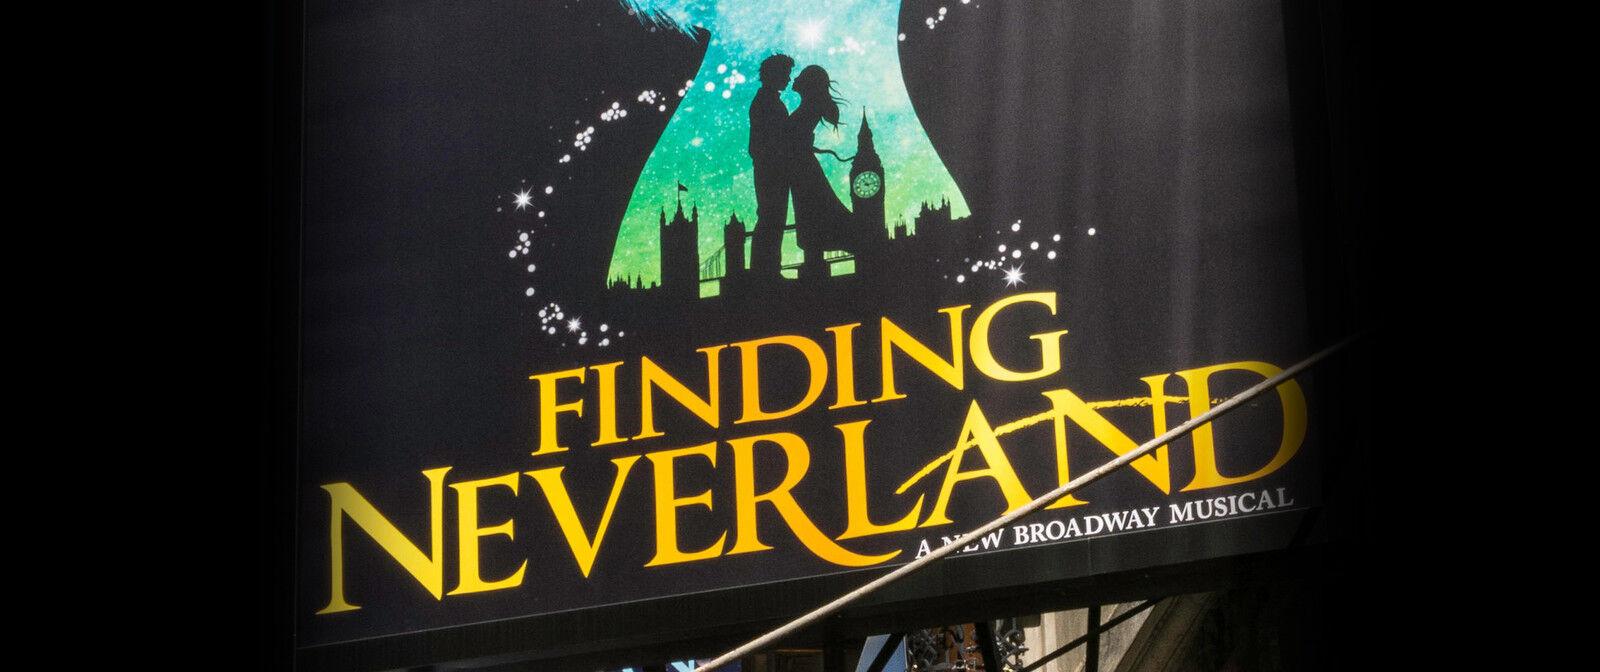 Finding Neverland Schenectady Schenectady | Schenectady, NY | Proctor's Theatre | December 9, 2017